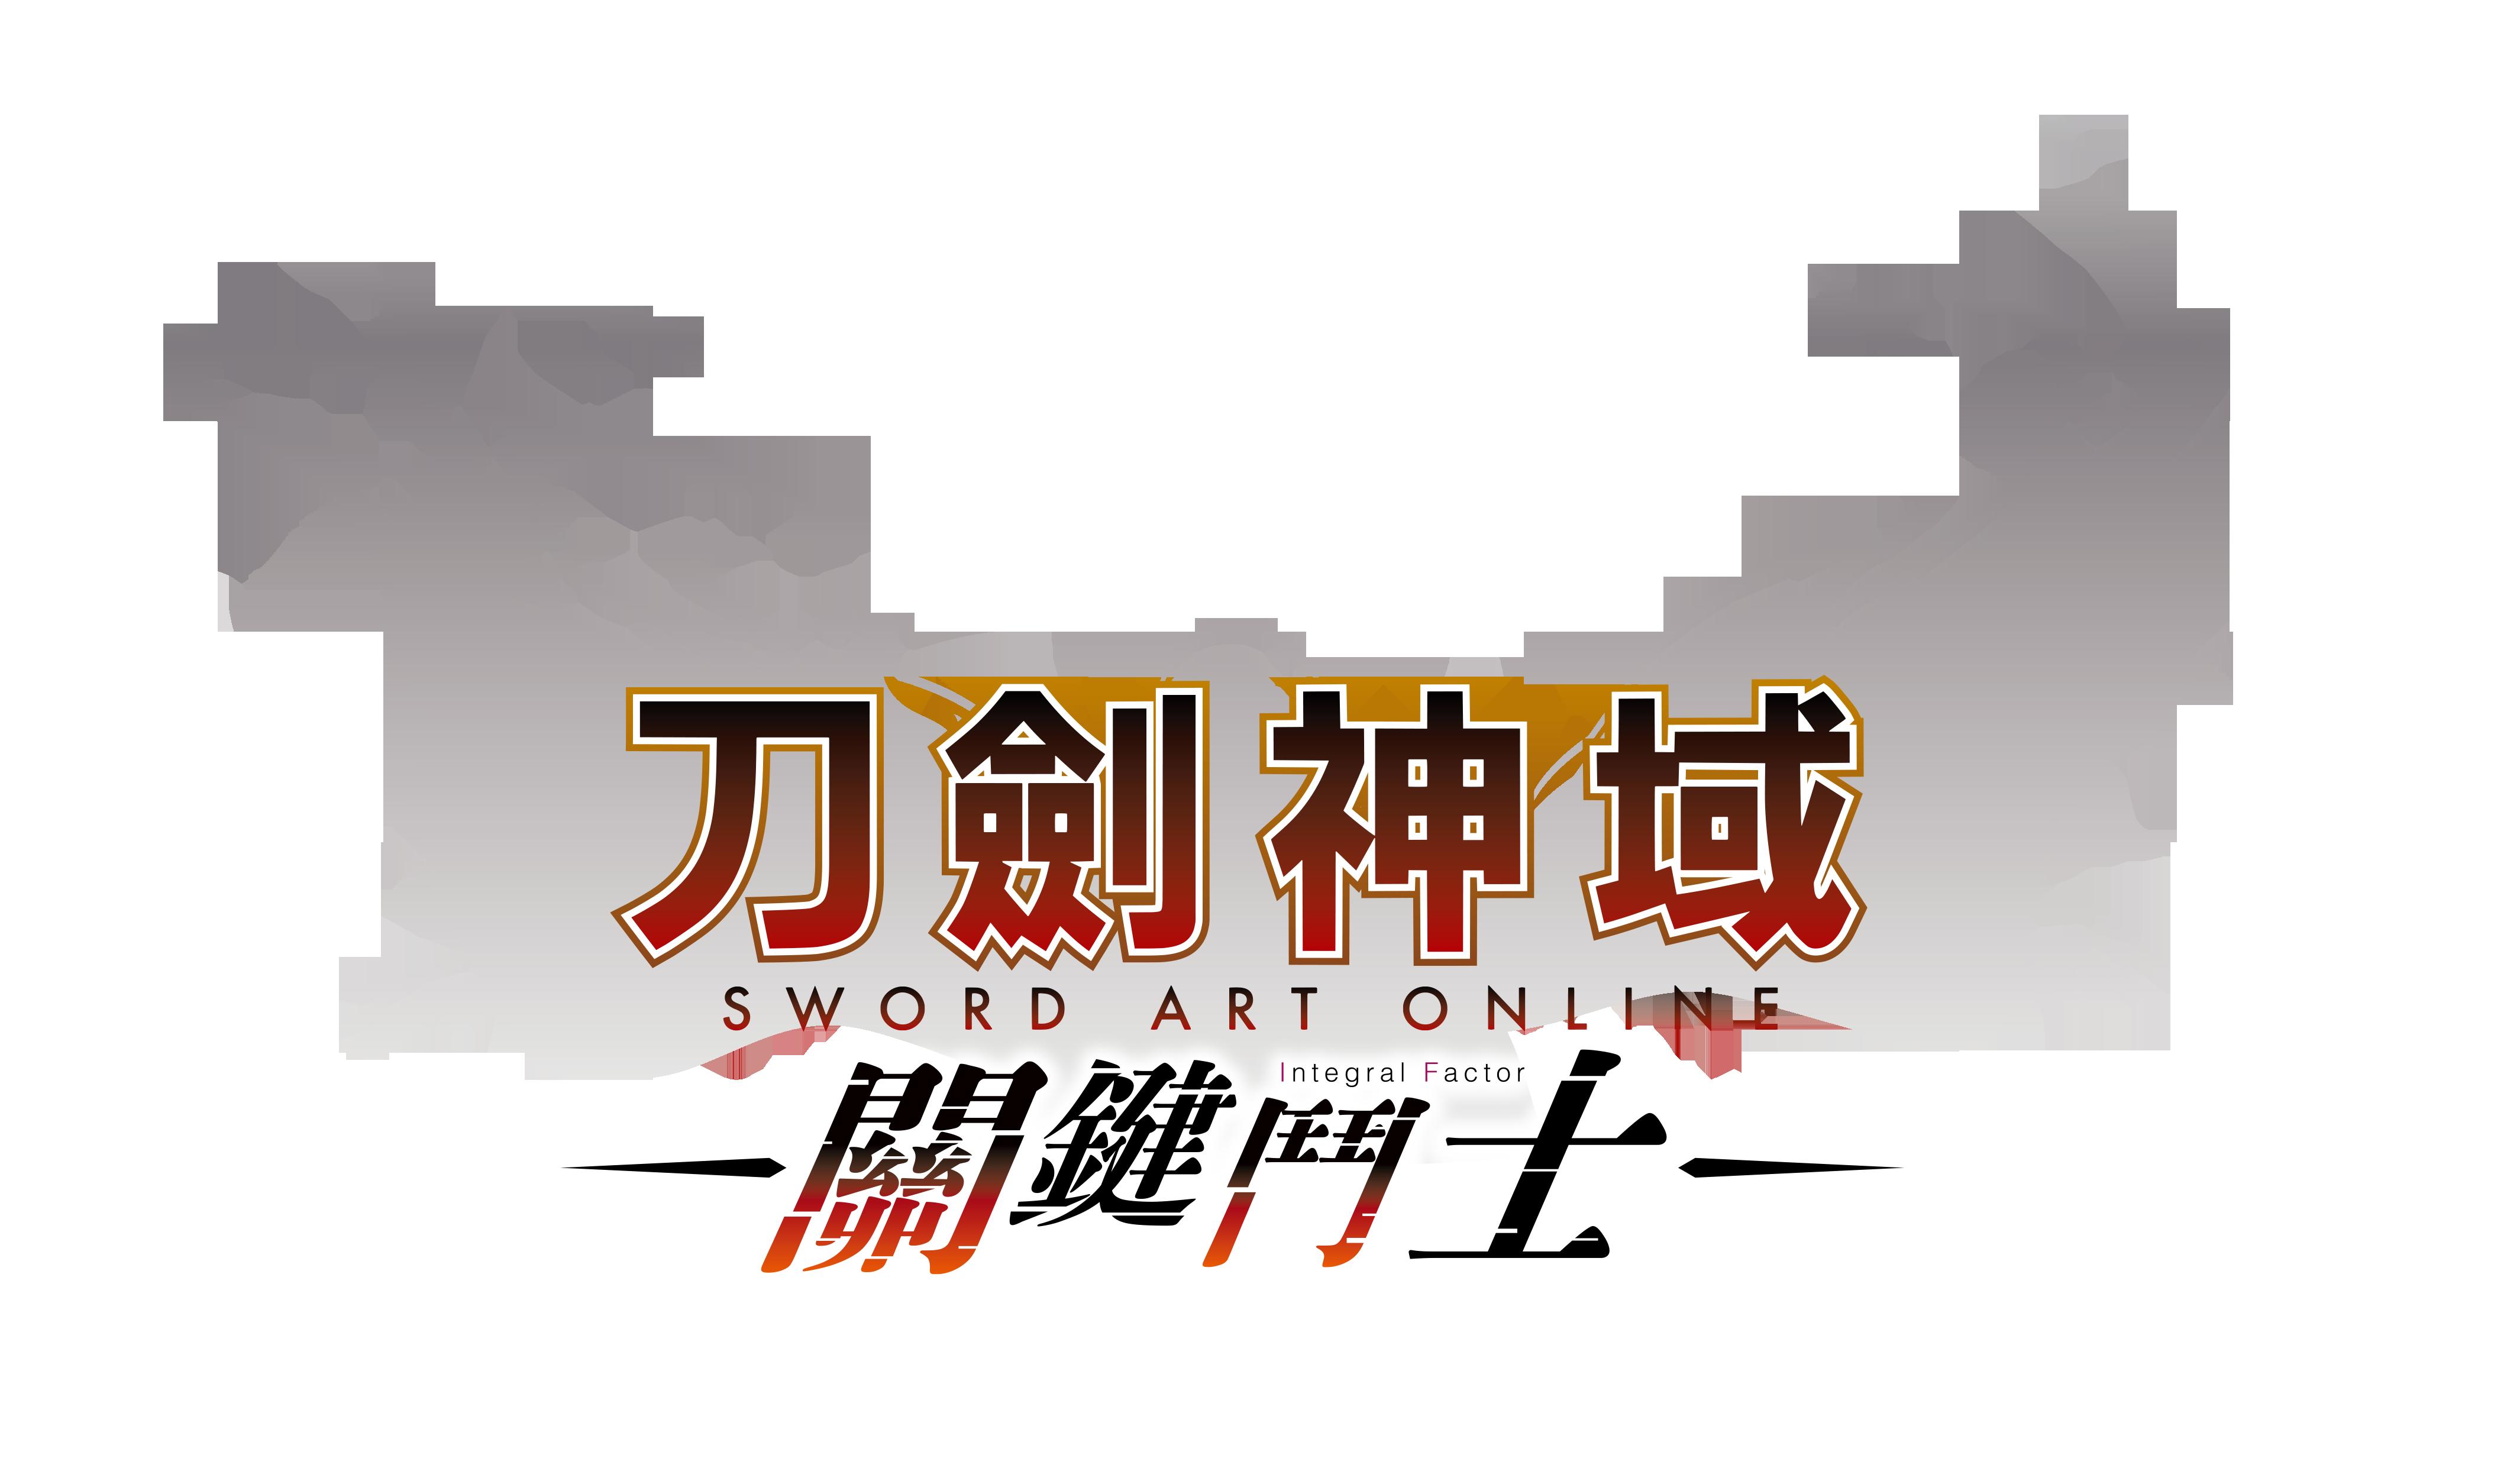 《刀劍神域 關鍵鬥士》宣佈增加遊戲發行語言 慶祝發行英文、韓文版,將有特別贈禮!